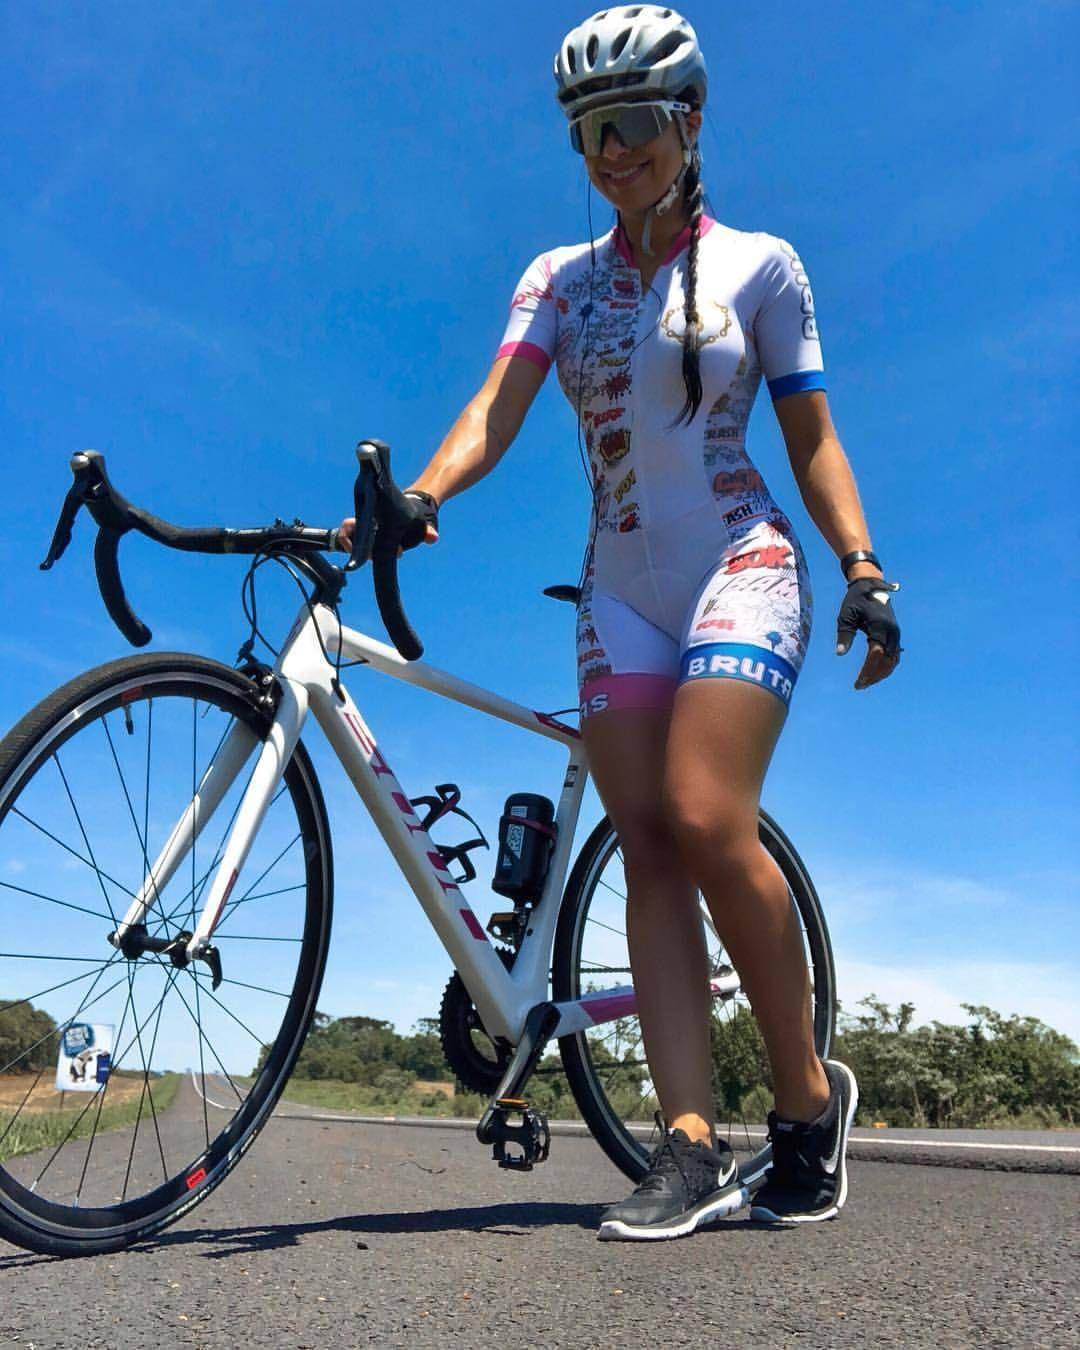 Volver al ciclismo con motivación